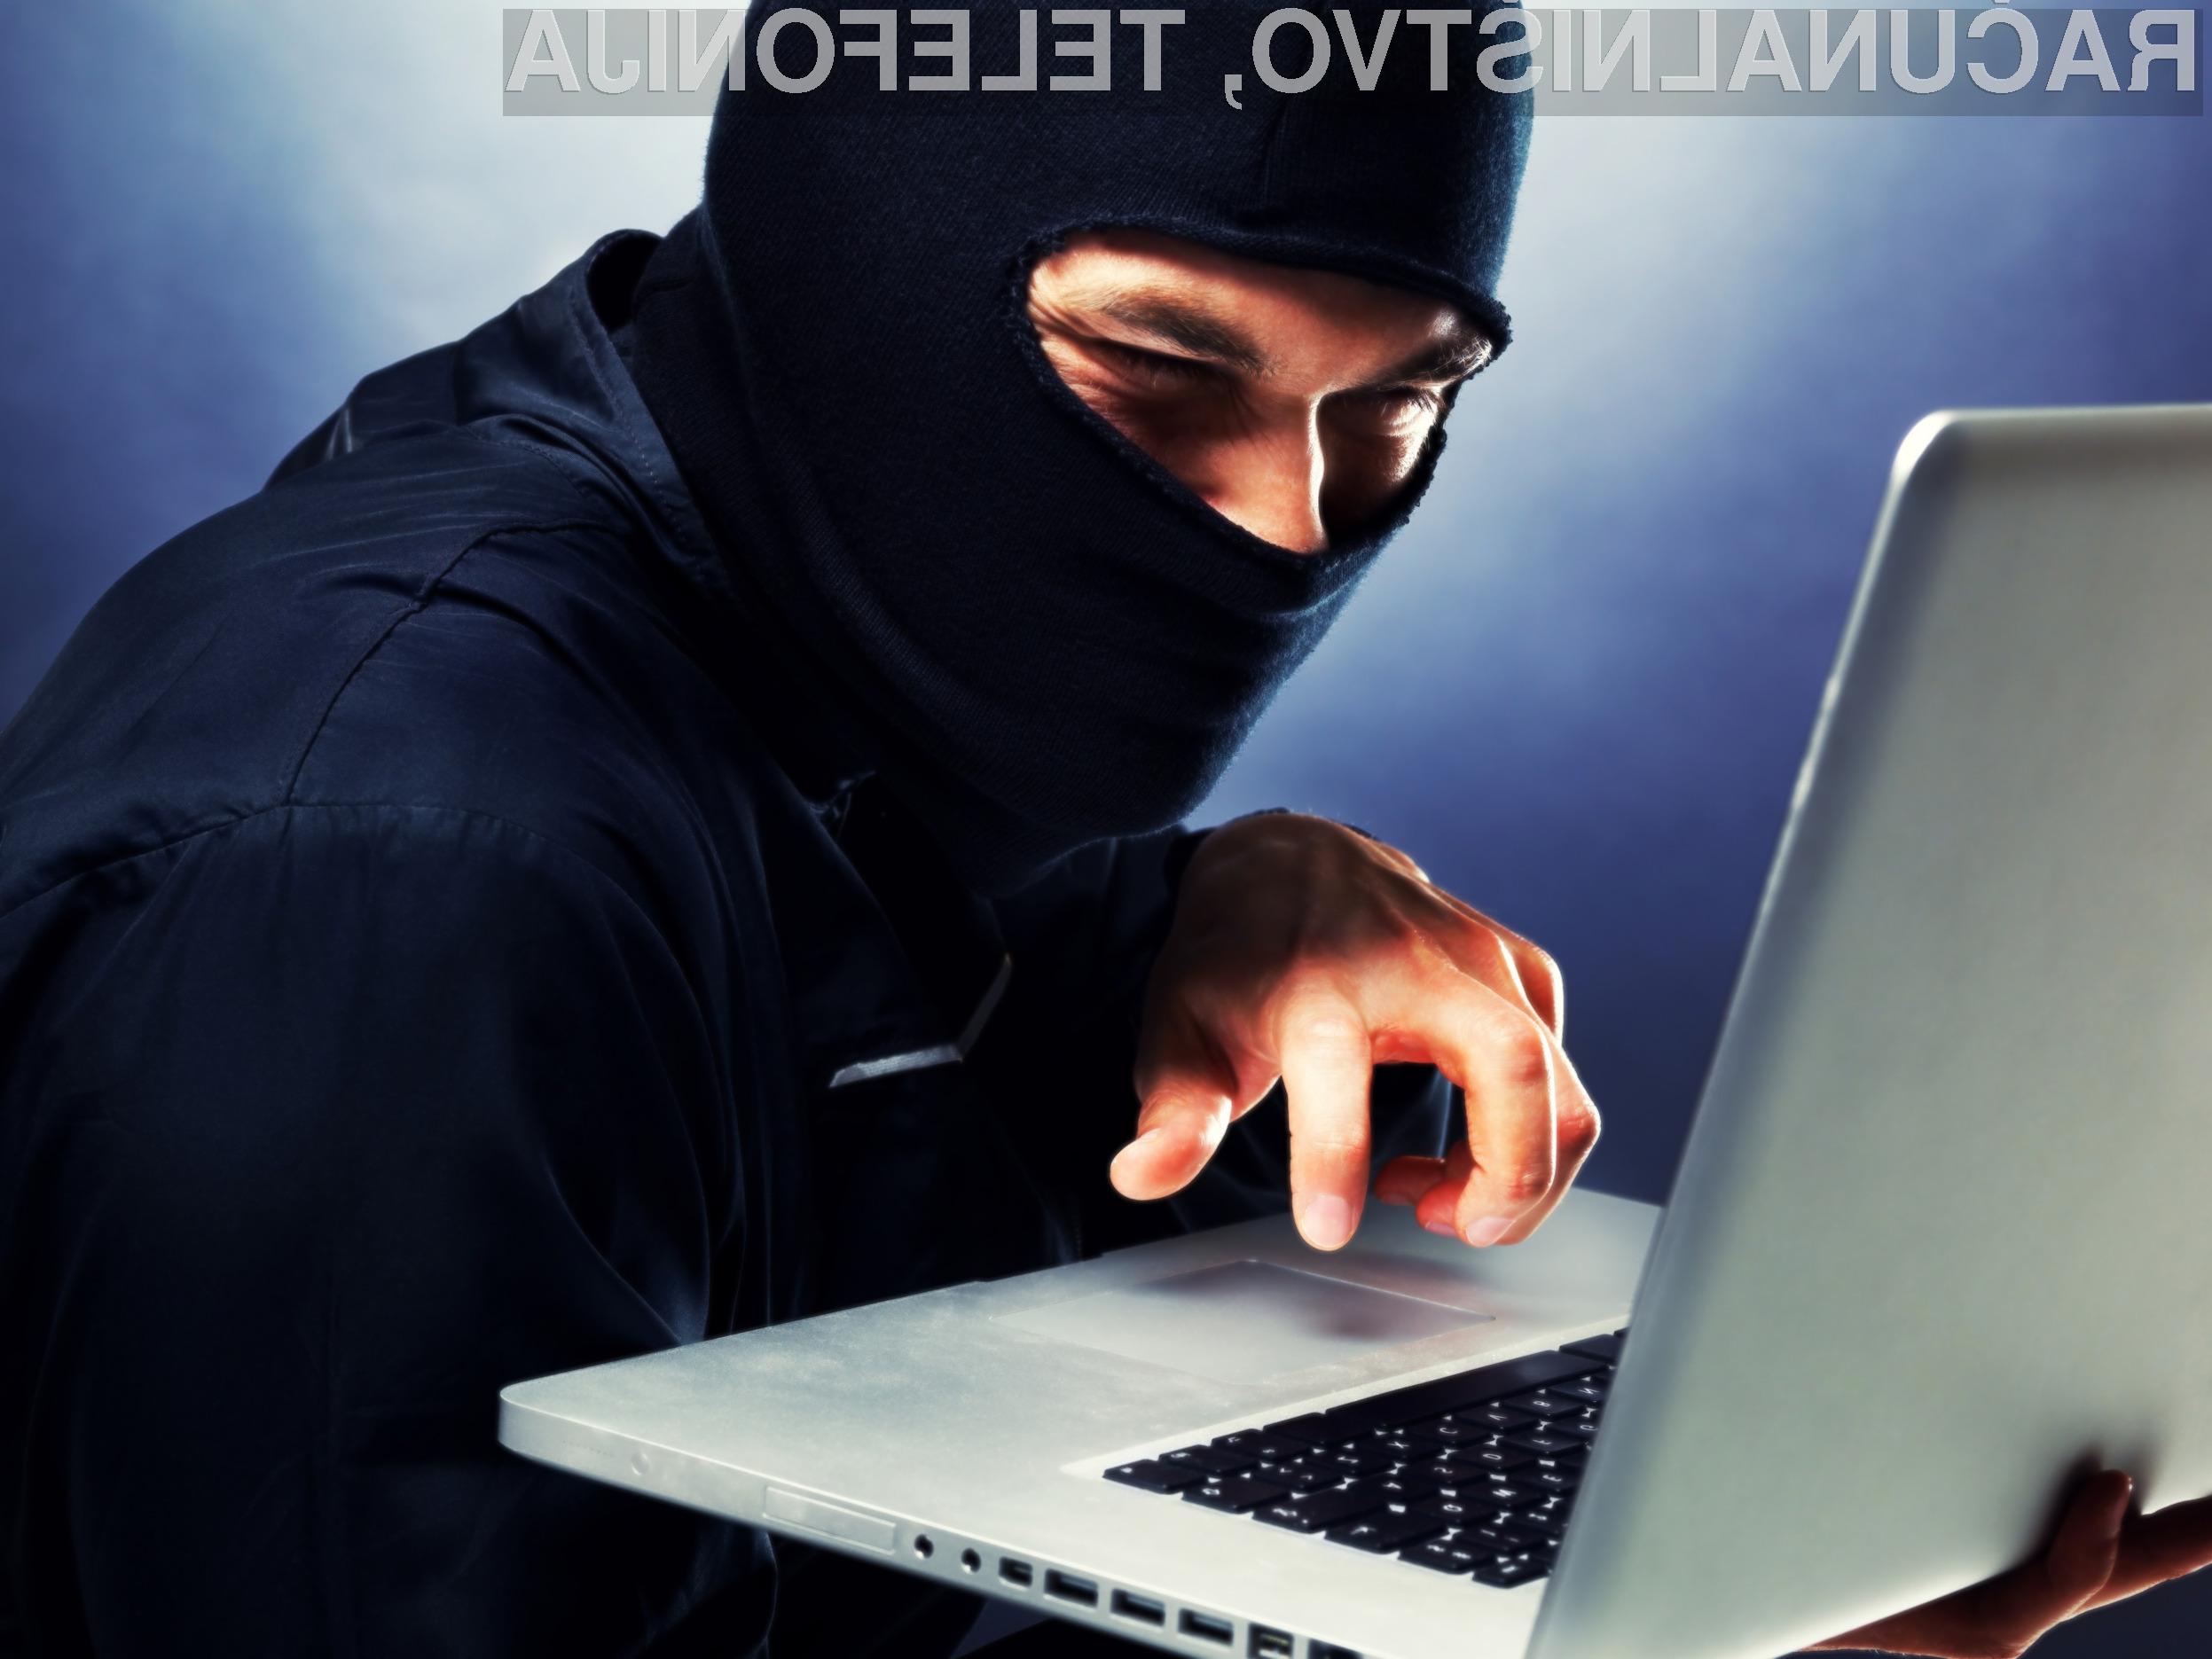 Kriminalcem naj bi pri napadu na strežnike podjetja Vodafone pomagal njihov zaposleni.